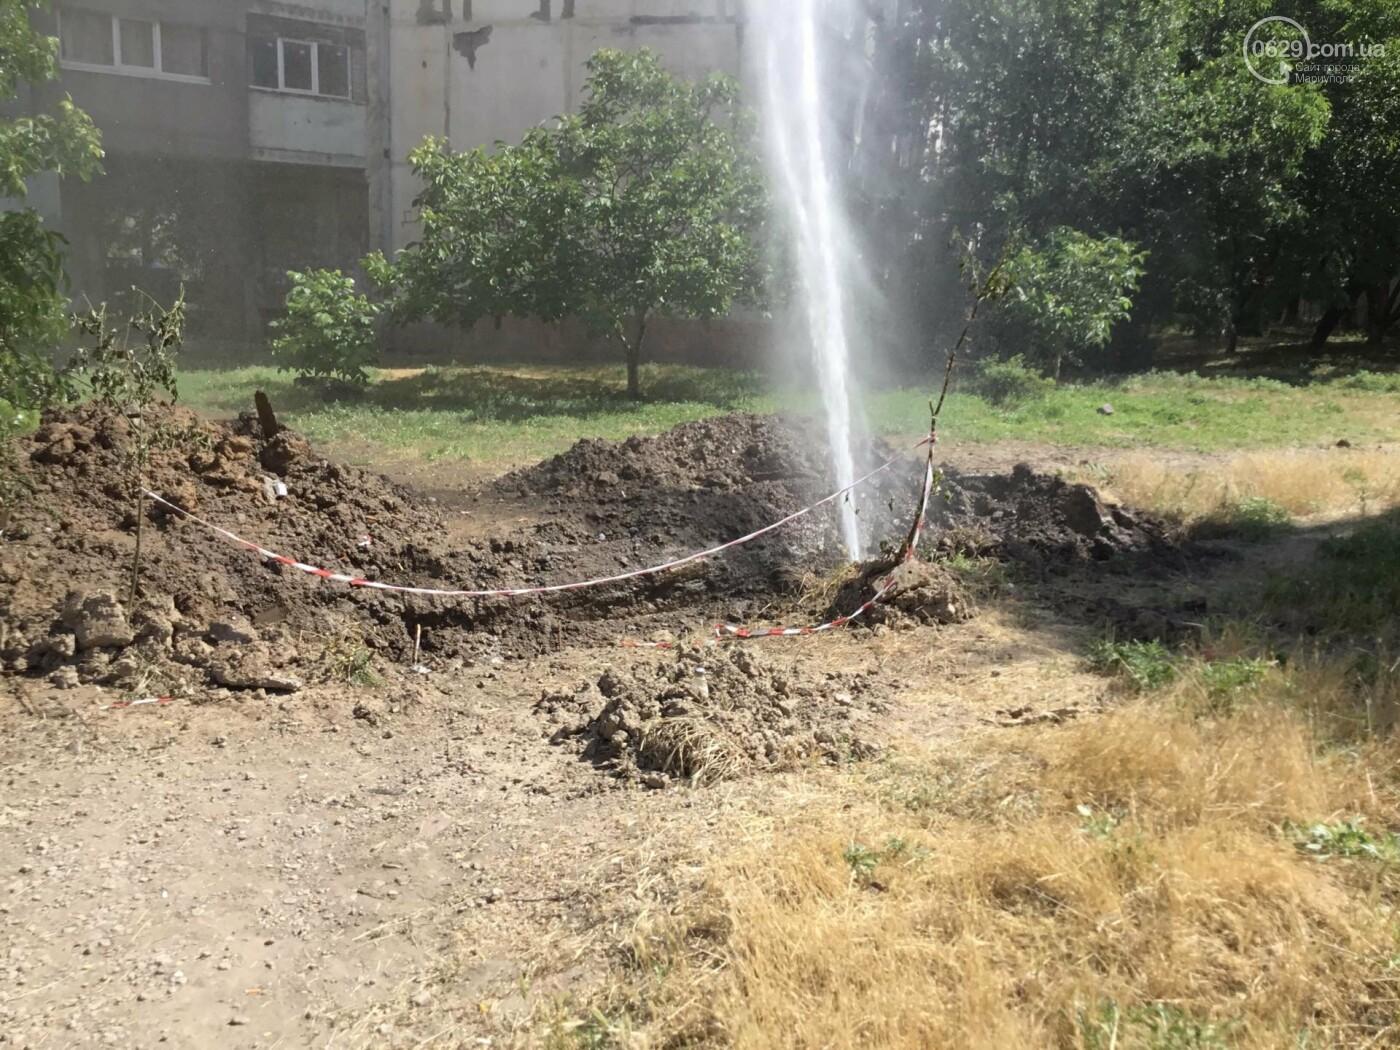 В Мариуполе бъет фонтан питьевой воды, высотой в 5 этажей, - ФОТО, ВИДЕО, фото-4